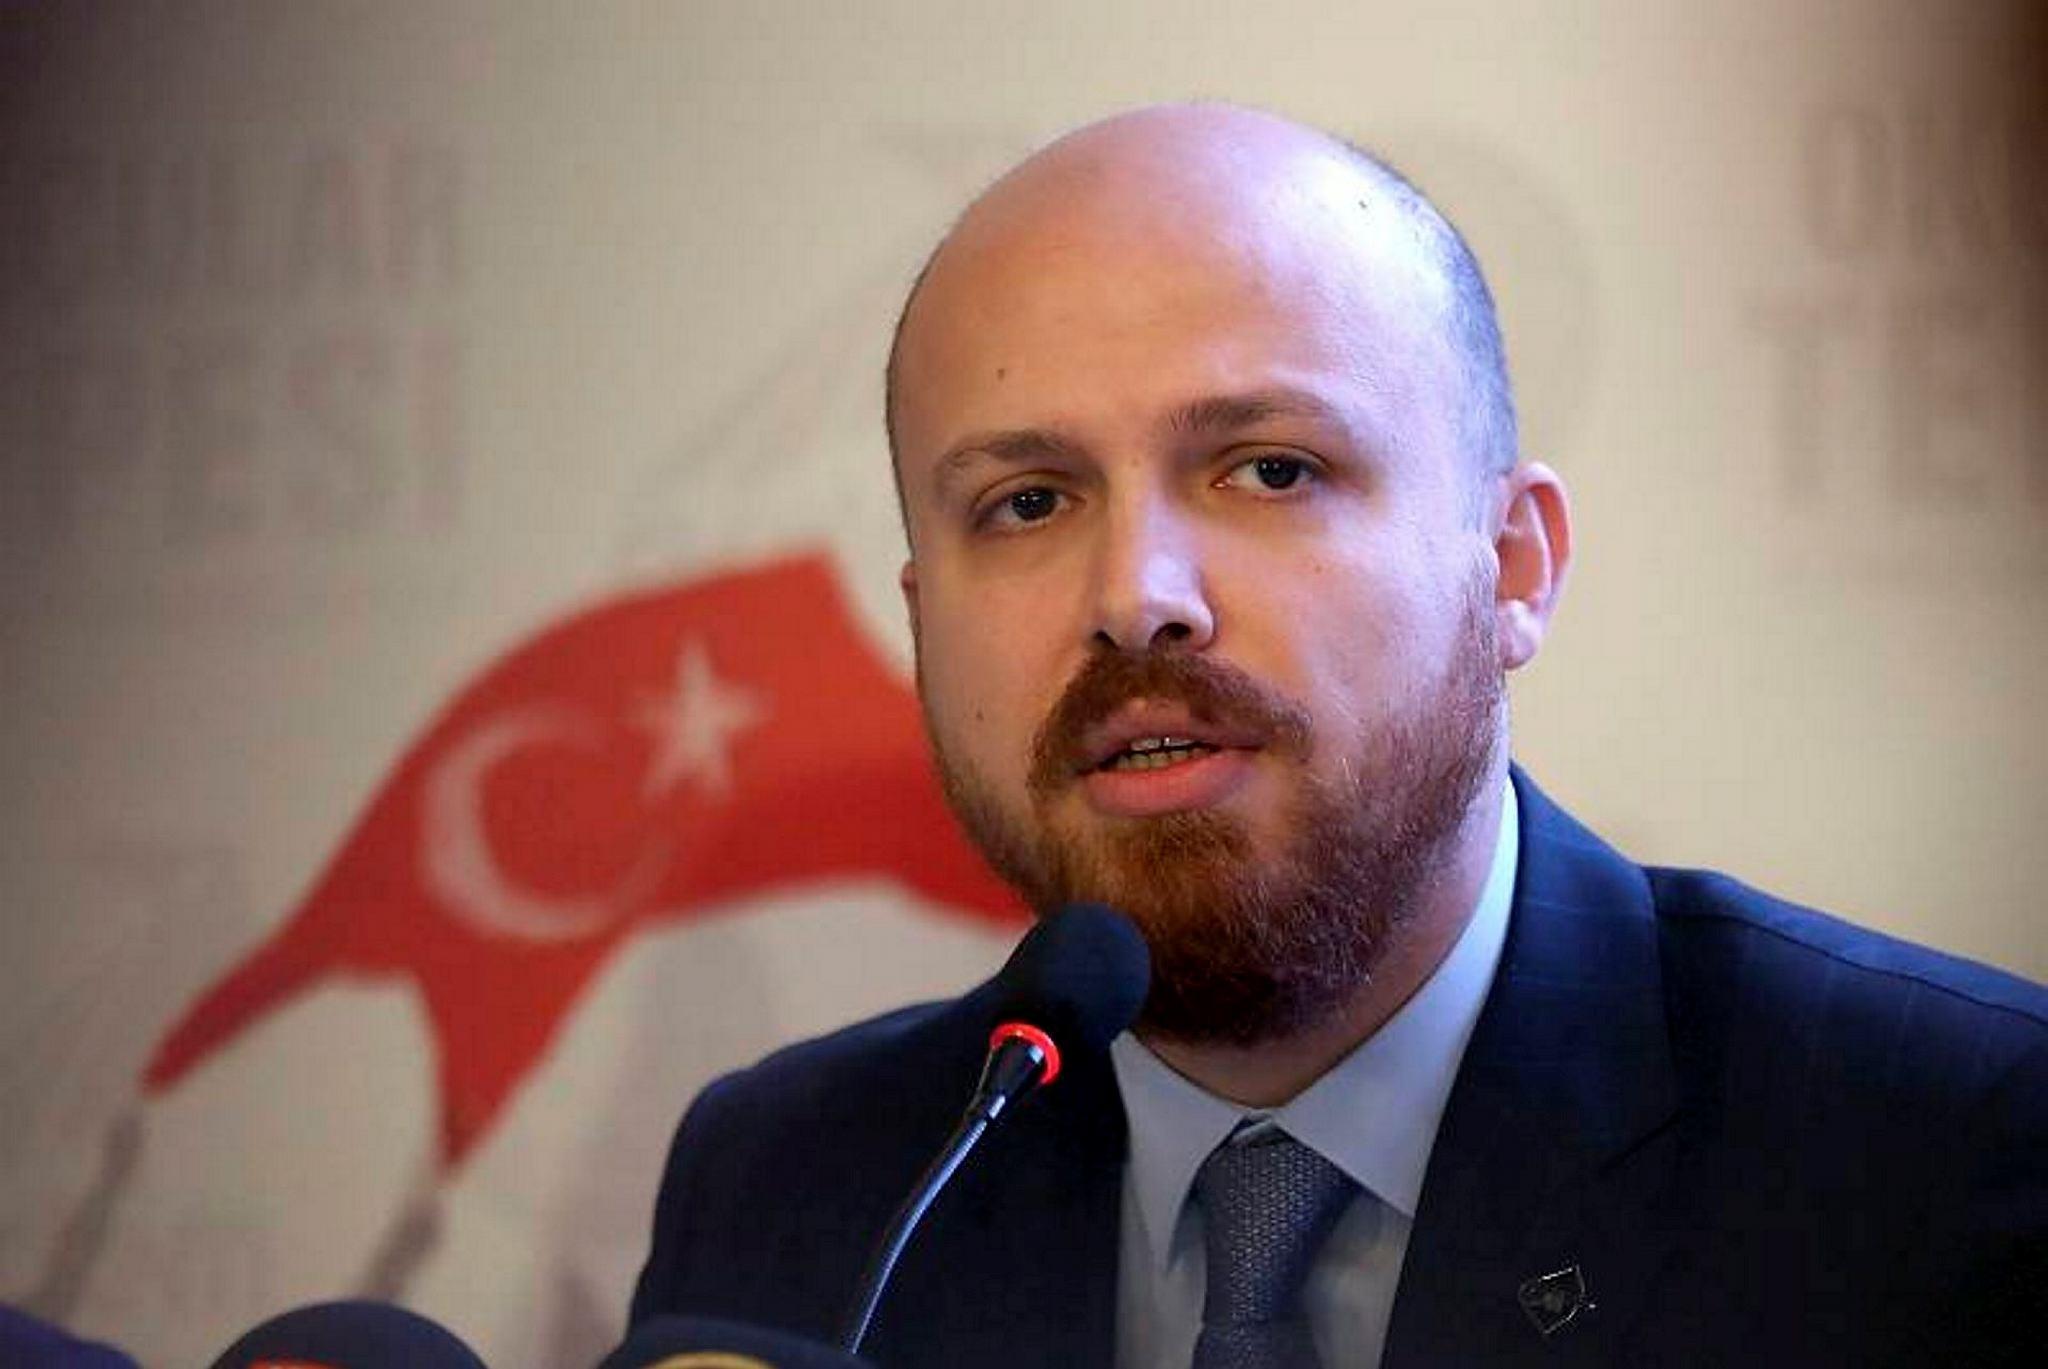 Bilal Erdou011fan, the son of President Erdou011fan